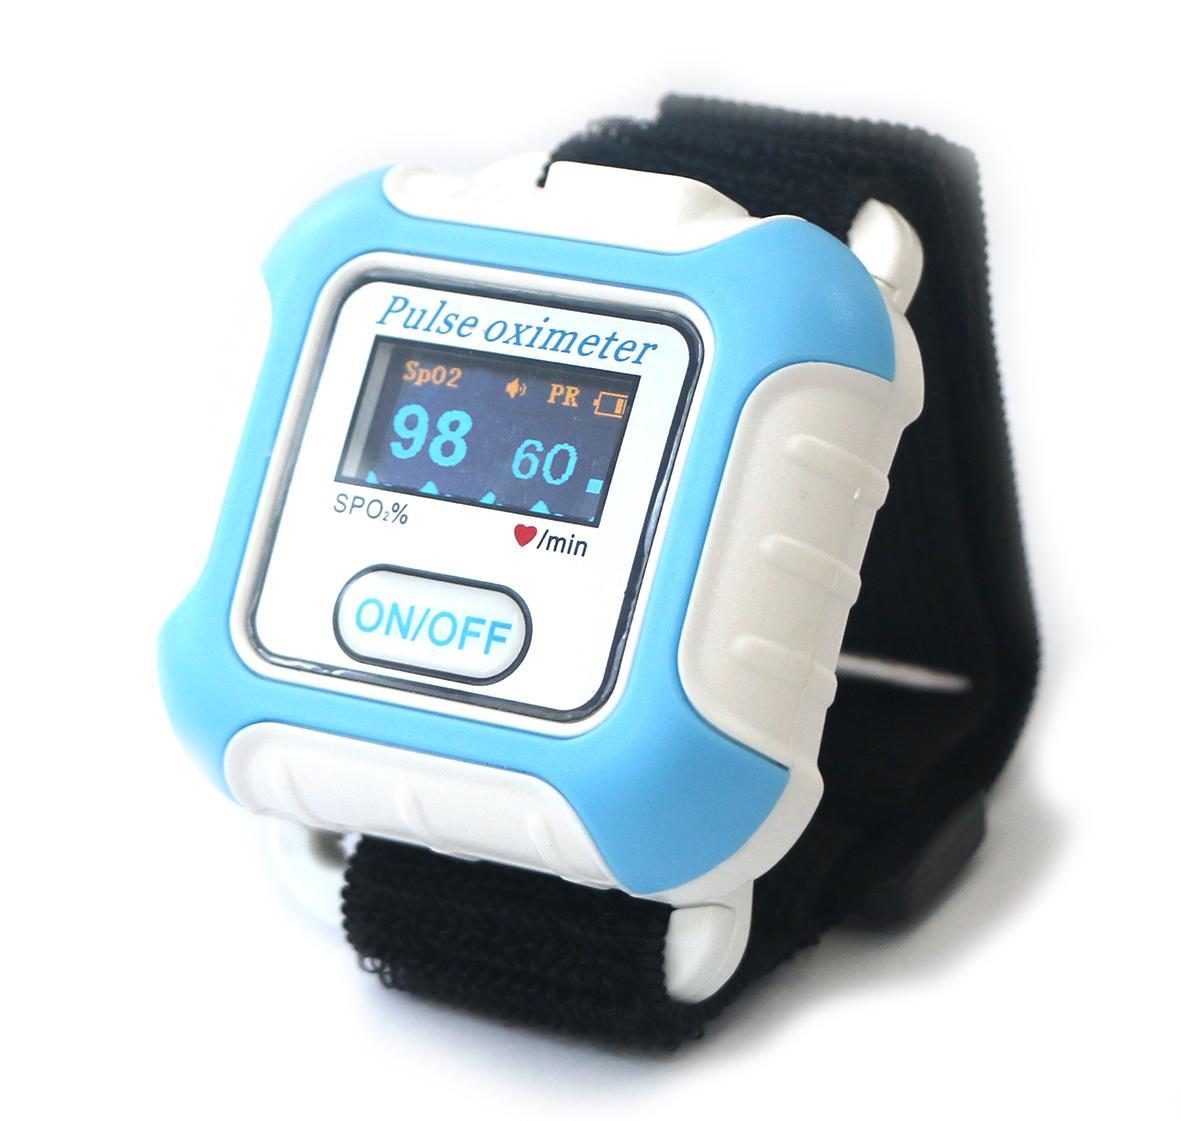 帶有IOS,安卓藍牙的手腕脈搏血氧儀 1